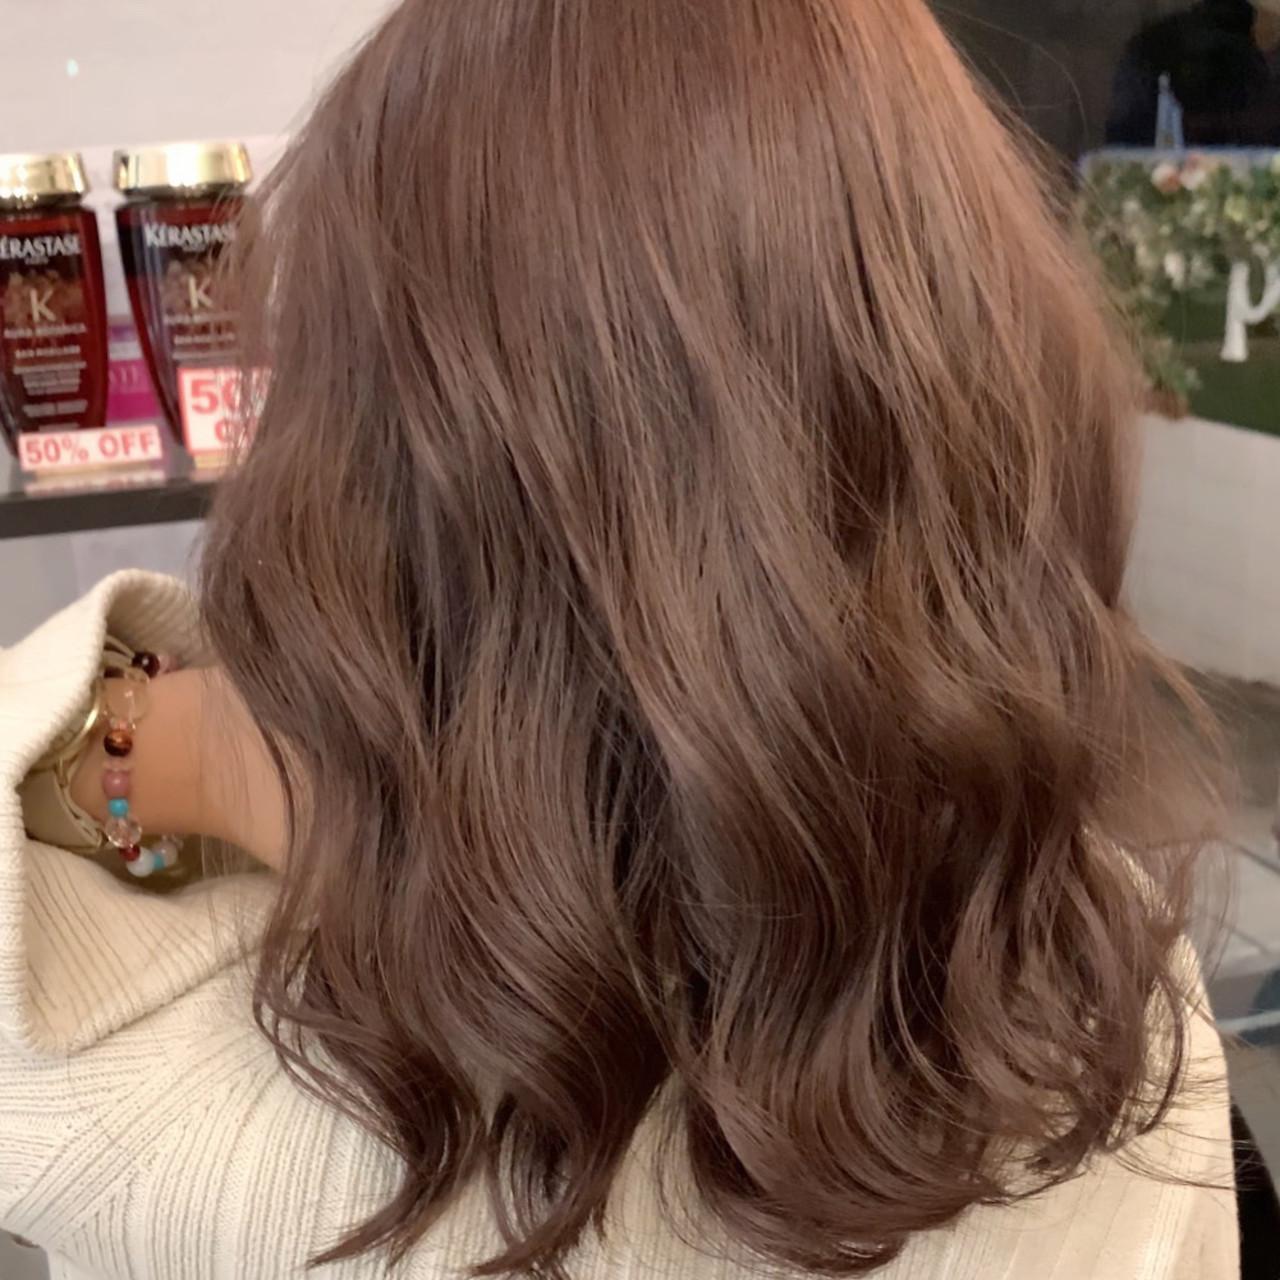 ロング ピンクベージュ インナーカラー エクステ ヘアスタイルや髪型の写真・画像 | 仲井間 誠也 / Pas de Deux LEQUIOS